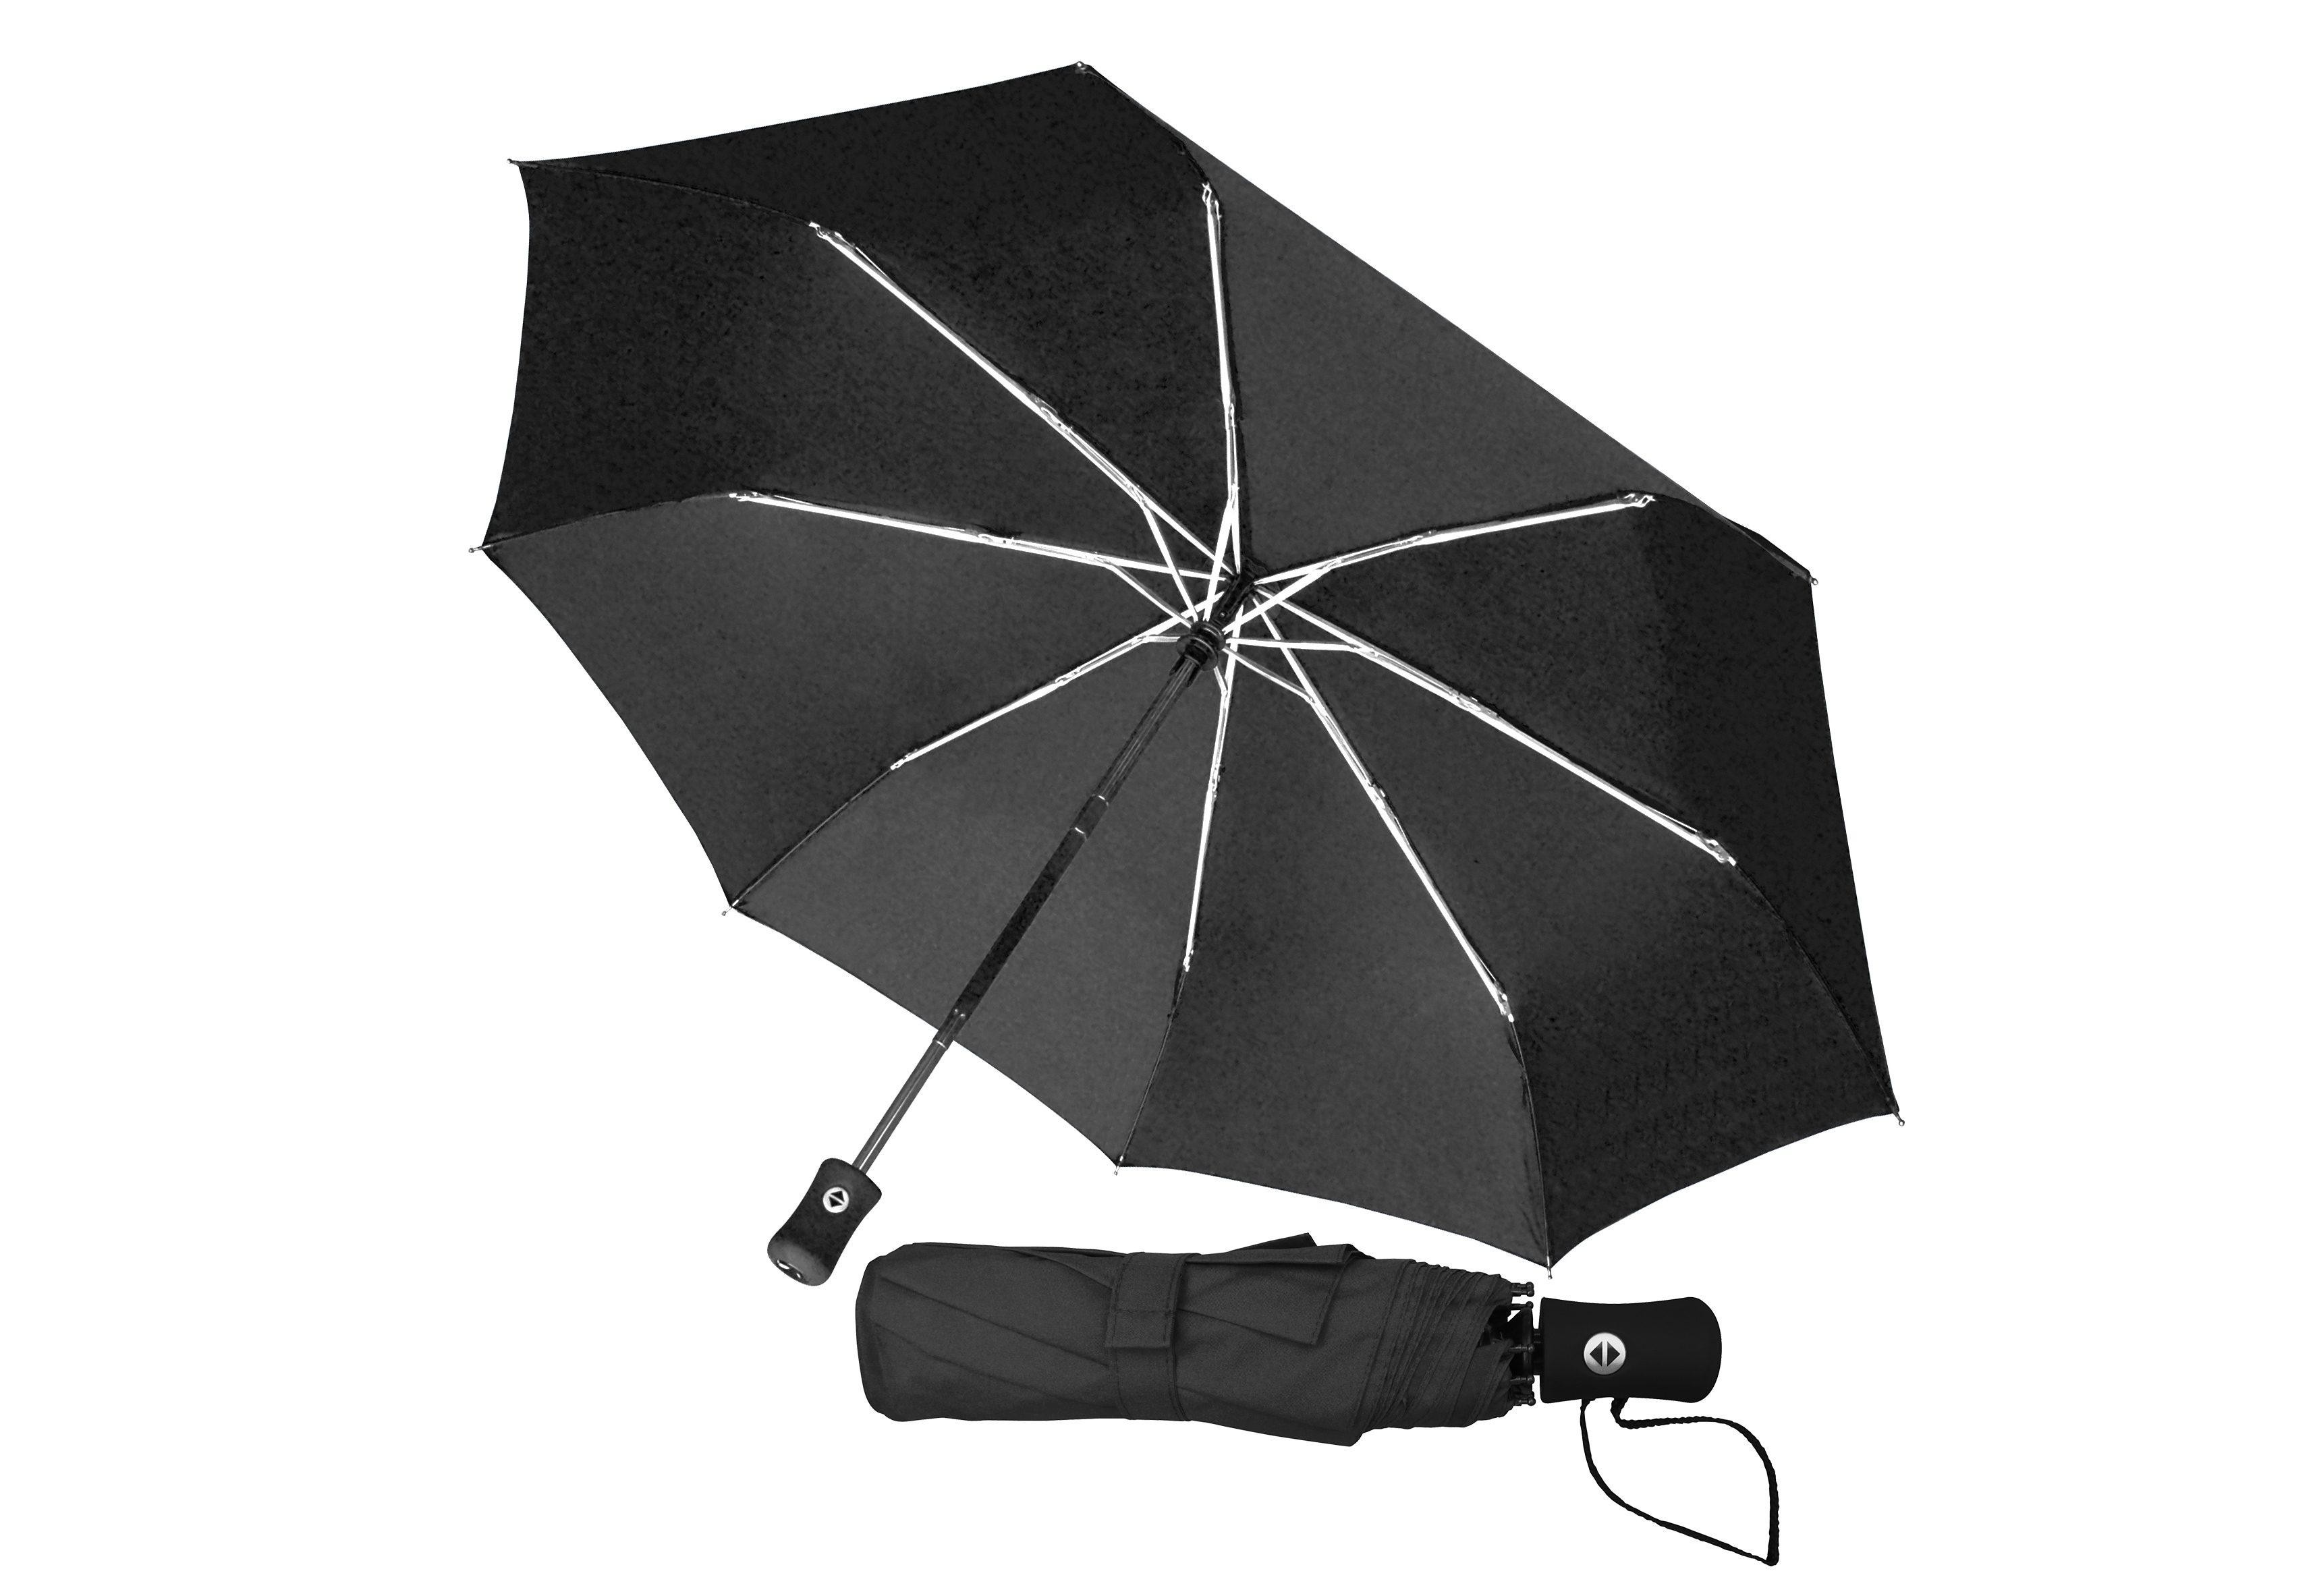 Euroschirm, Taschenregenschirm Taschenschirm | Accessoires > Regenschirme > Taschenschirme | Schwarz | Kunststoff - Polyester - Aluminium - Glasfaser | EUROSCHIRM®